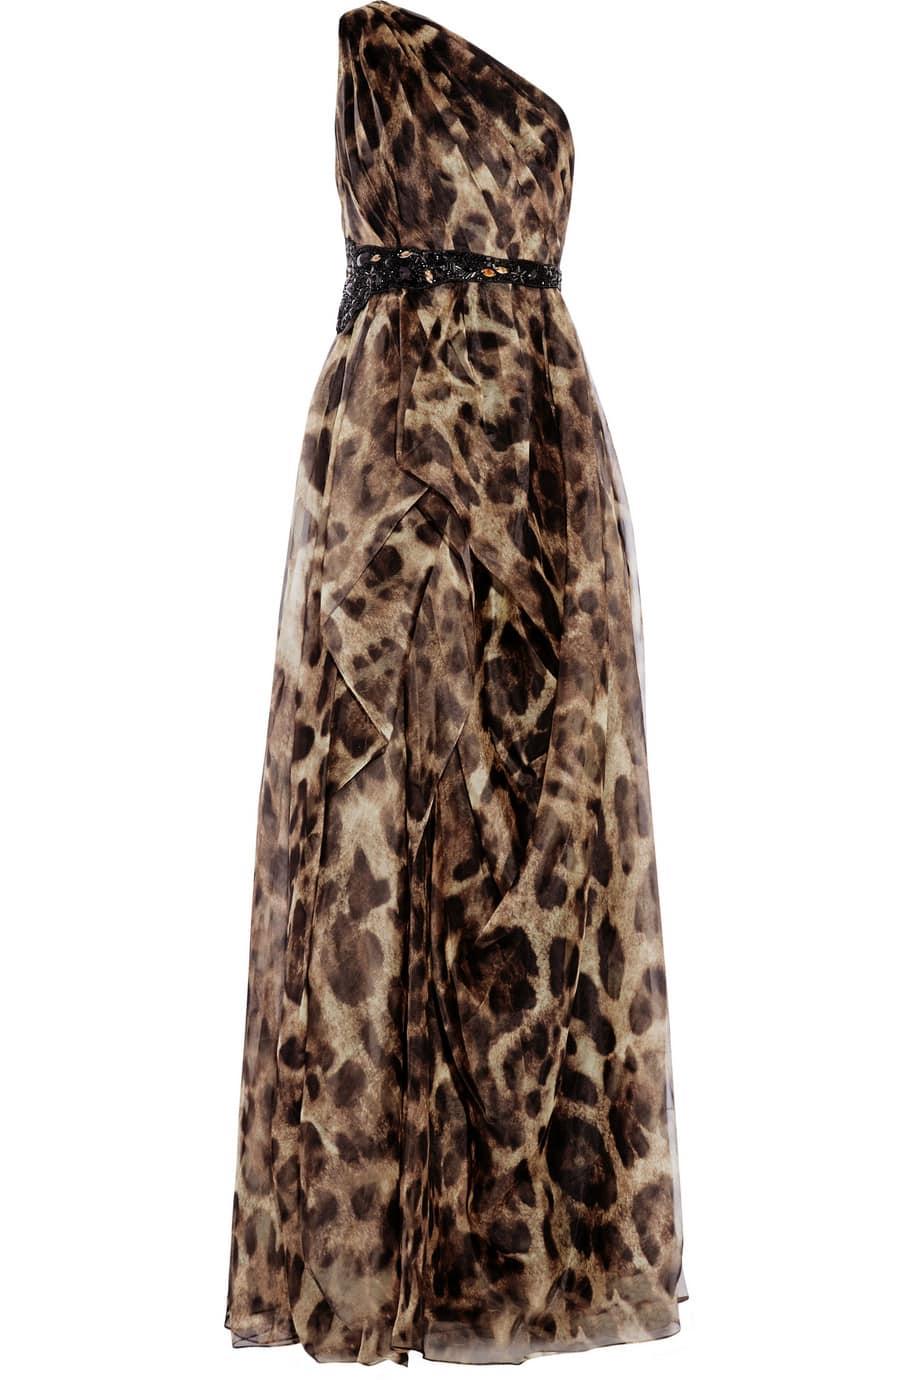 أحدث تصميمات الفساتين البنى على الطراز التركى منوعة